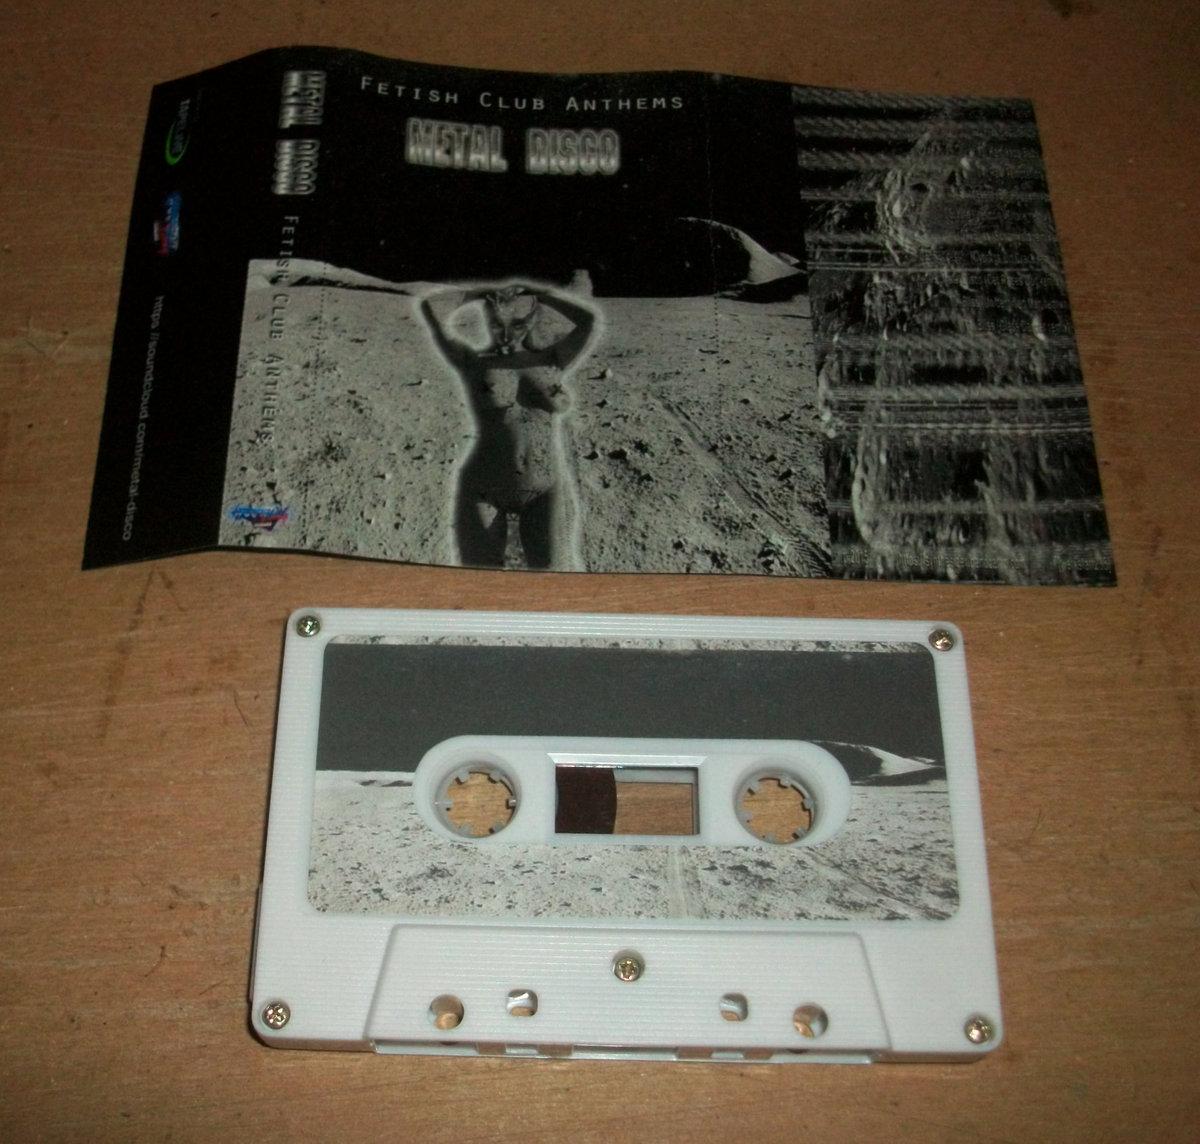 Metal Disco - Fetish Club Anthems - wkładka i kaseta magnetofonowa